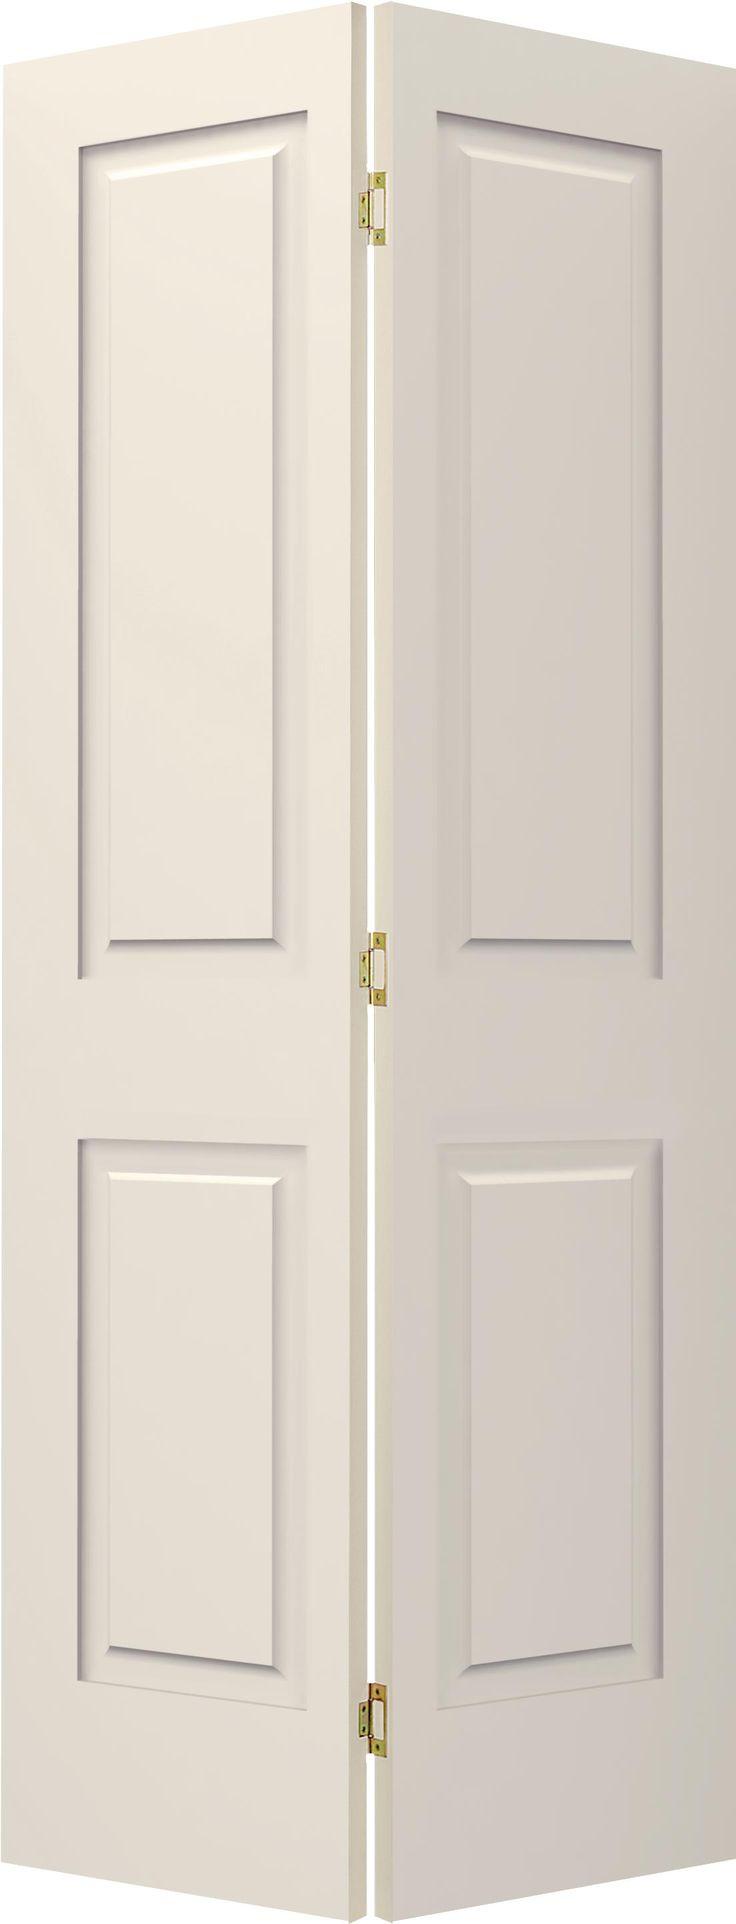 Tria™ Composite C-Series Bifold Interior Door | JELD-WEN Windows & Doors